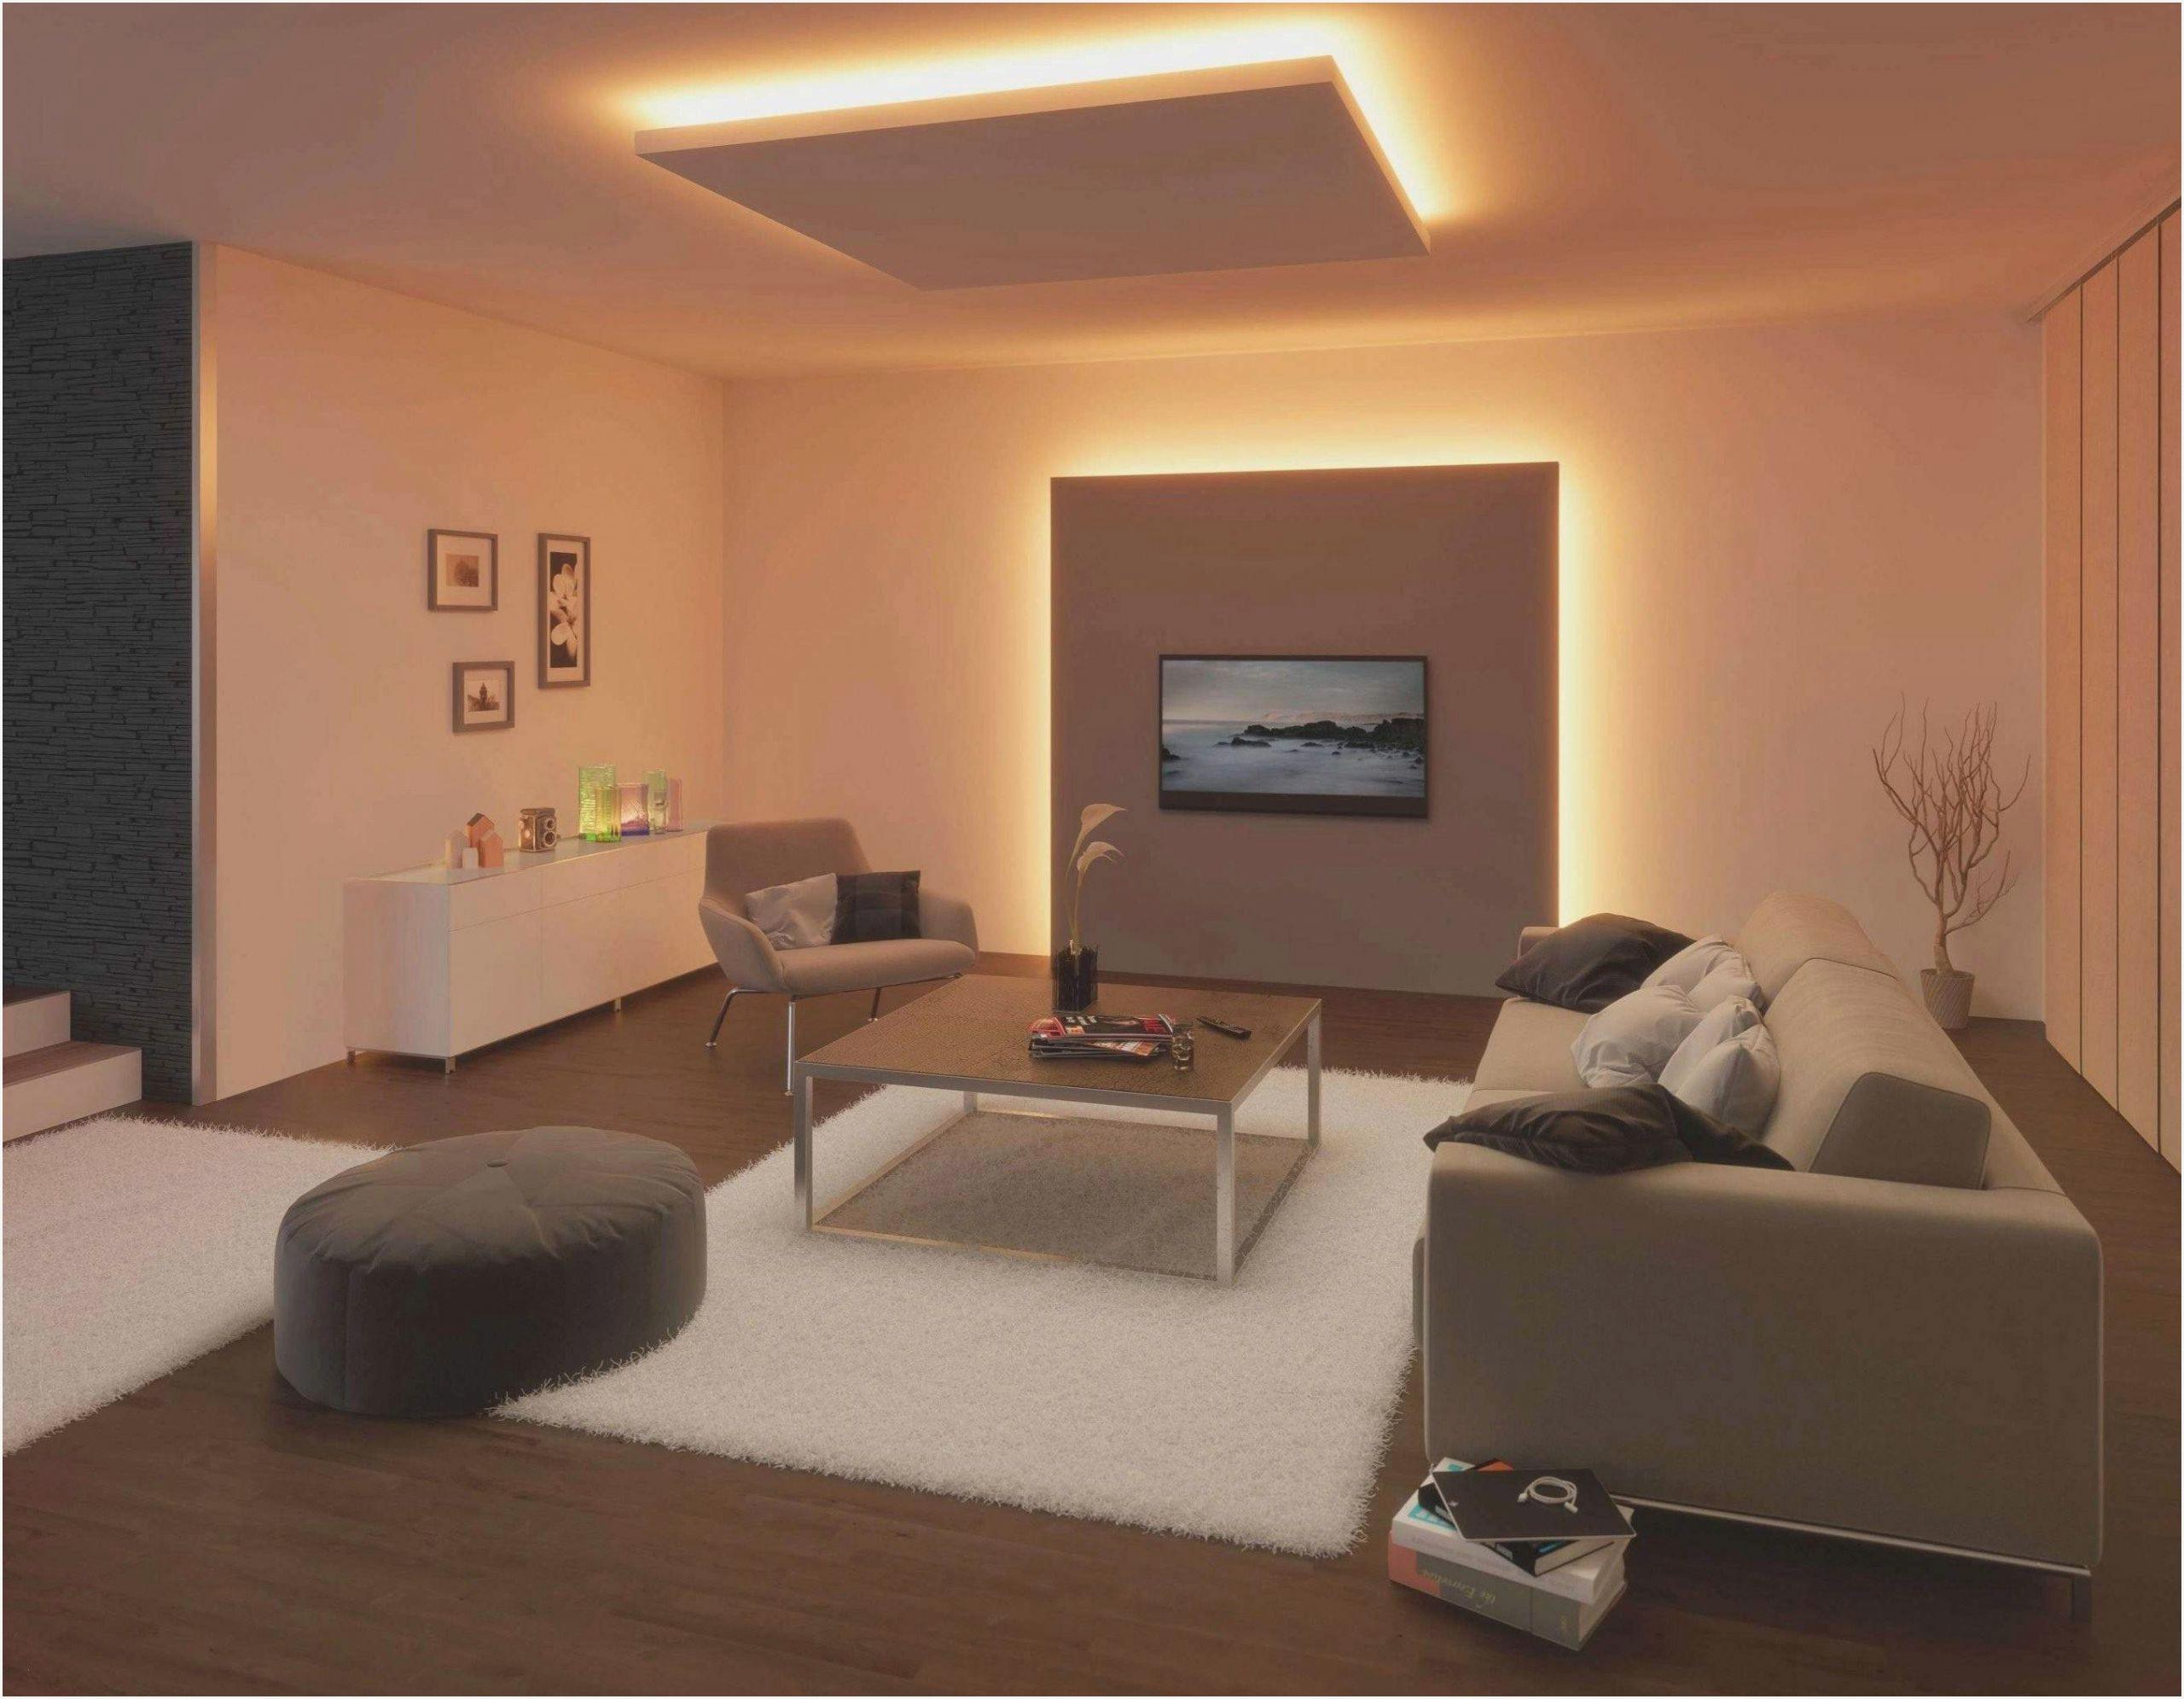 Full Size of Led Wohnzimmer Deckenleuchte Ikea Traumhaus Modulküche Betten 160x200 Bei Küche Kosten Deckenleuchten Schlafzimmer Kaufen Bad Sofa Mit Schlaffunktion Wohnzimmer Deckenleuchten Ikea